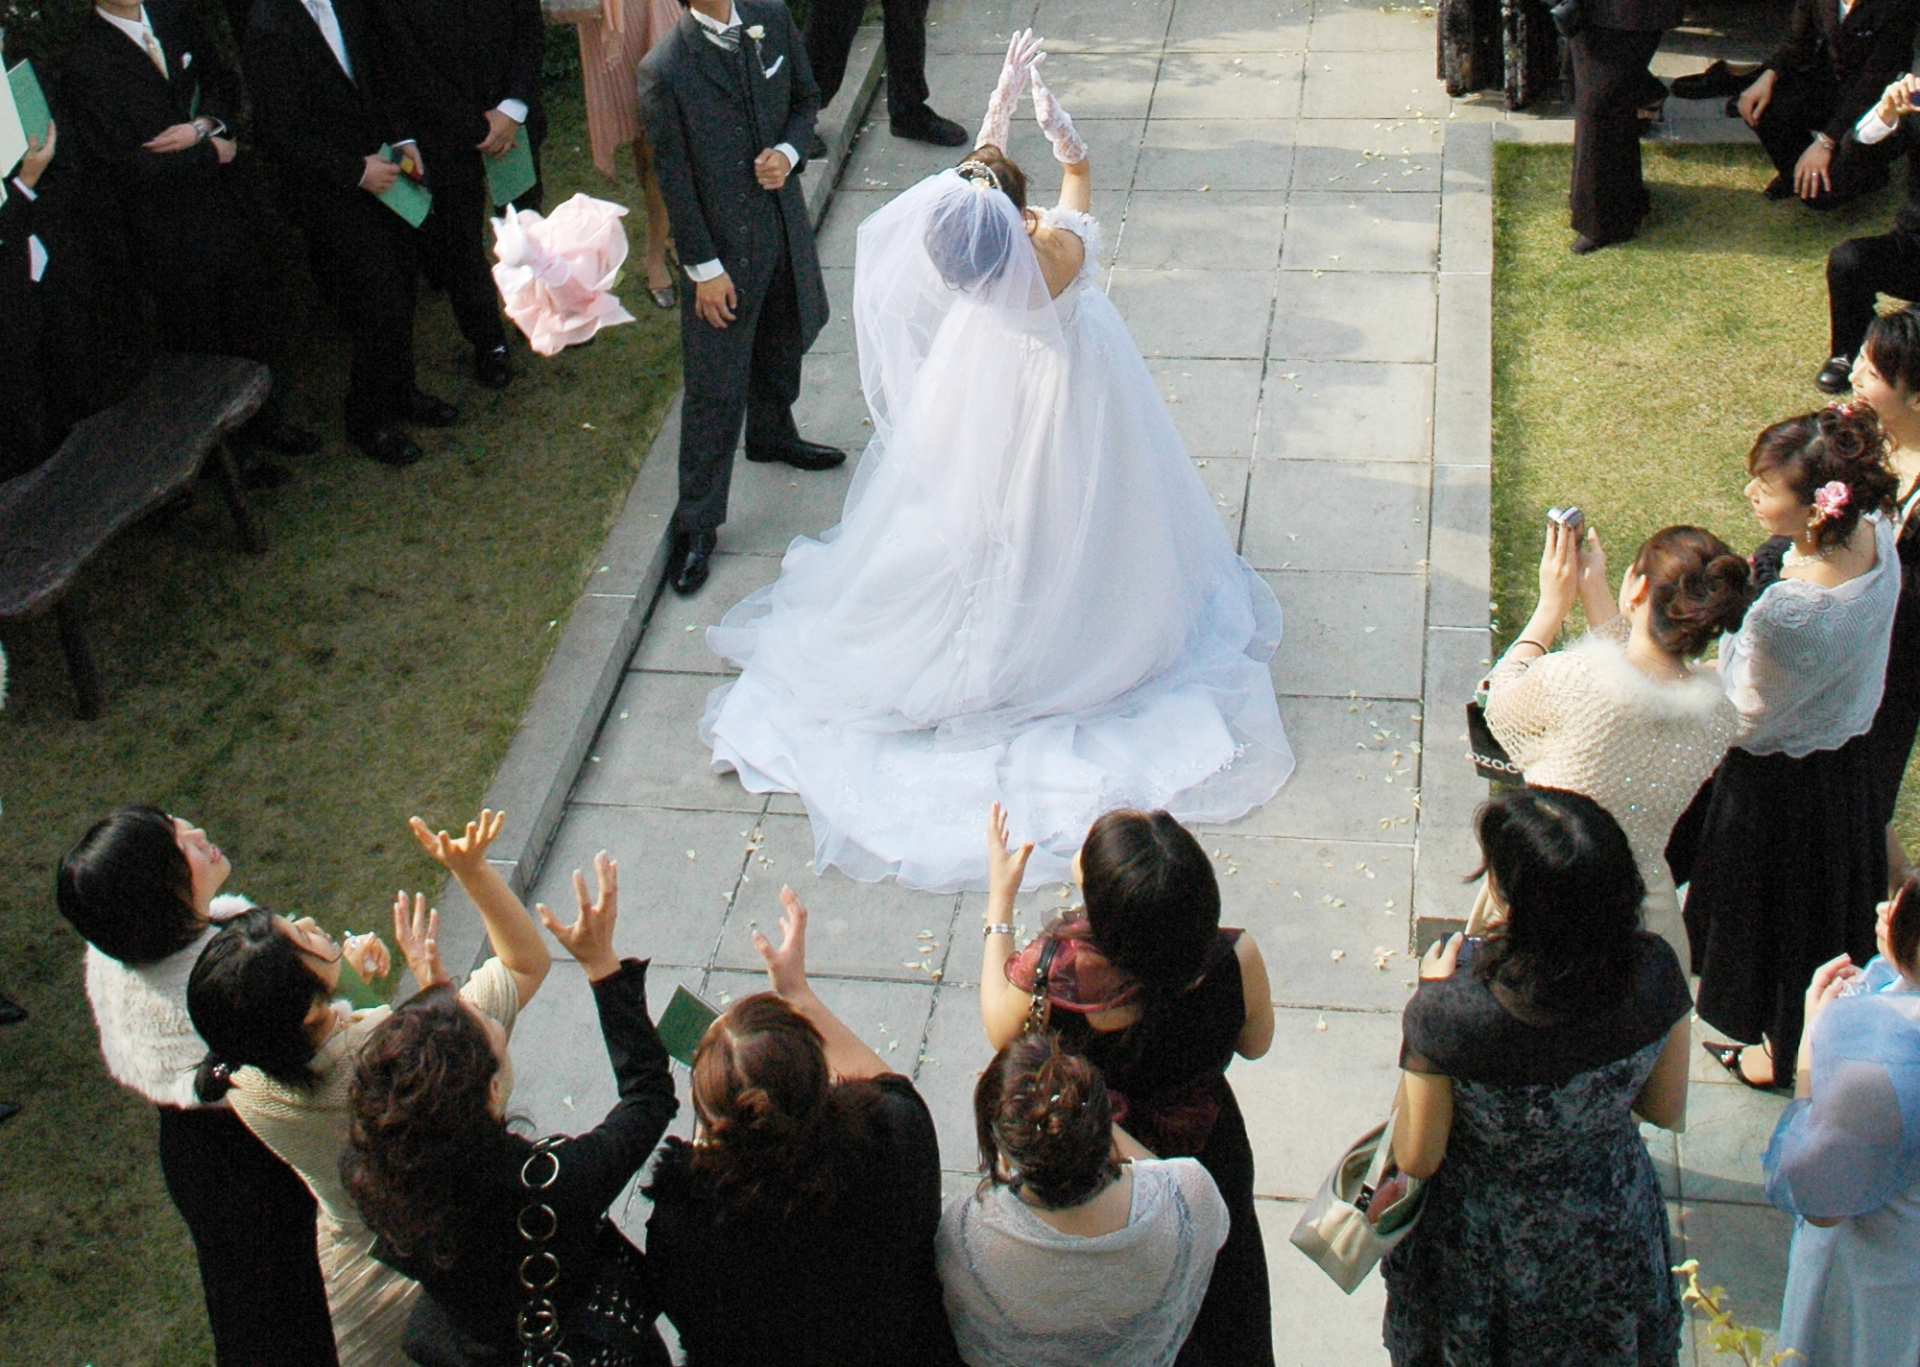 結婚式のお呼ばれ、黒いドレスでの参列は非常識?